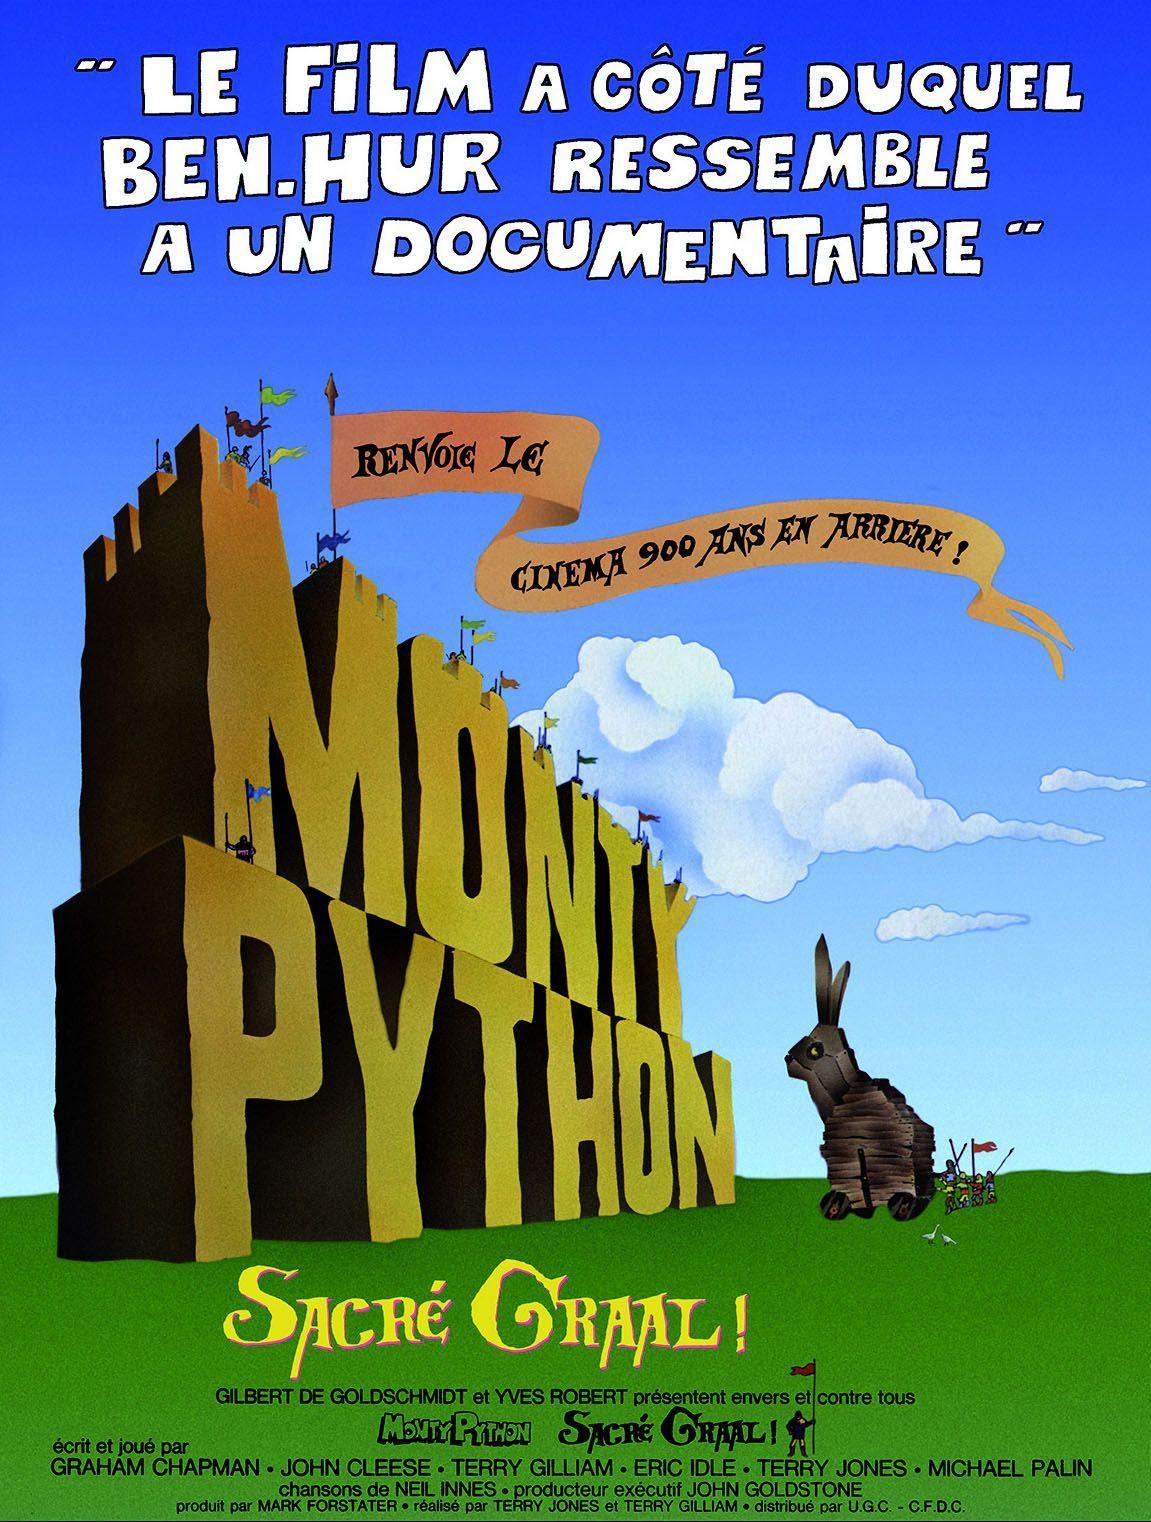 Monty Python sacré Graal de Terry Jones et Terry Gilliam